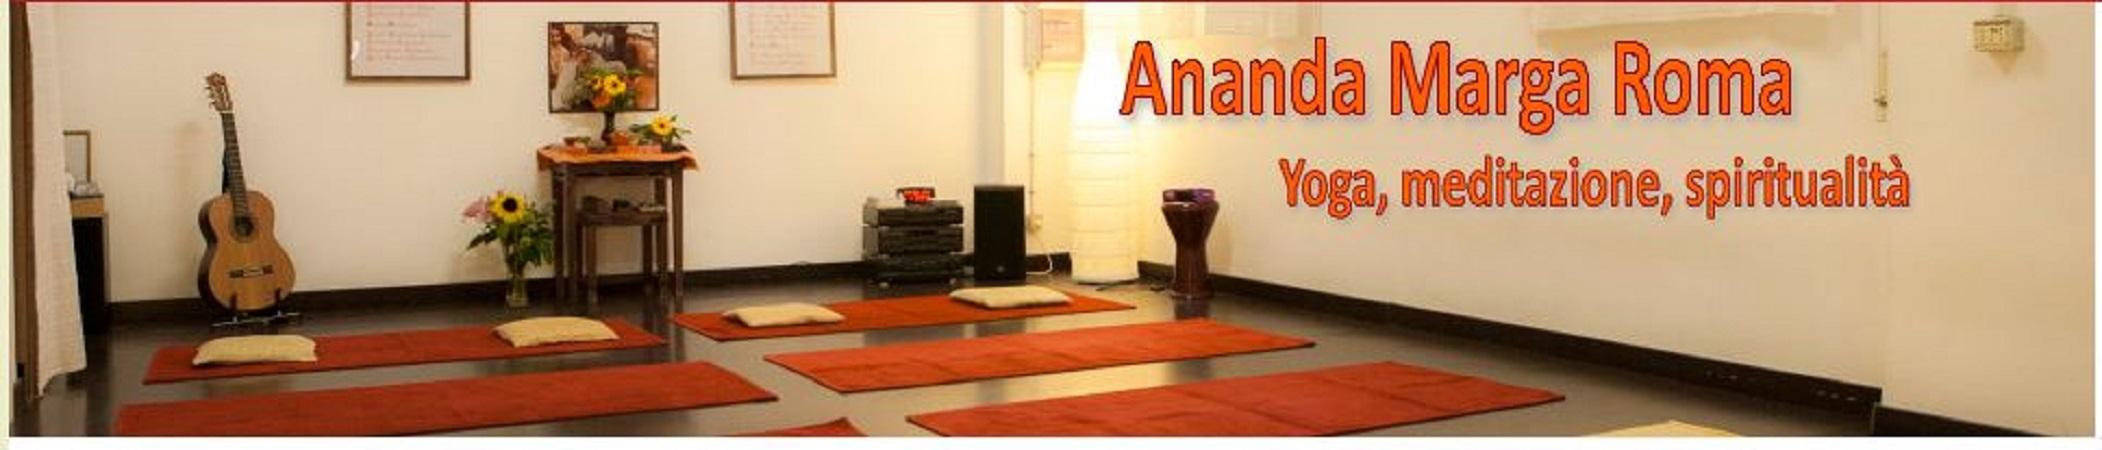 Ananda Marga Roma: Yoga, Meditazione, Spiritualità e Servizio sociale